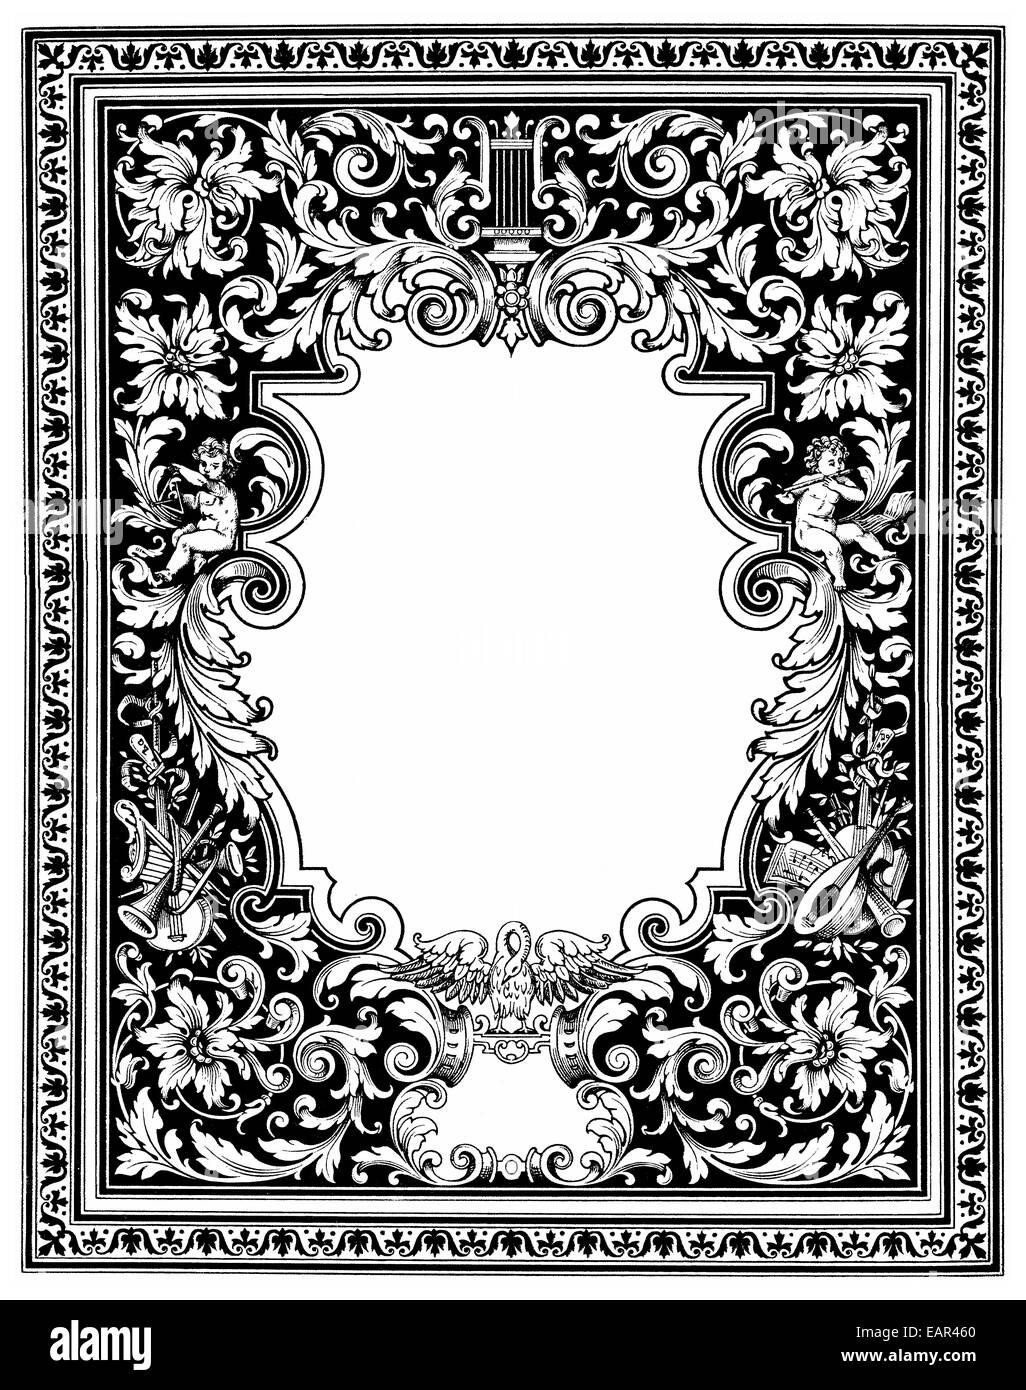 Graphical decorative border with allegorical musical themes, Schmuckrahmen mit allegorischen Musikmotiven - Stock Image